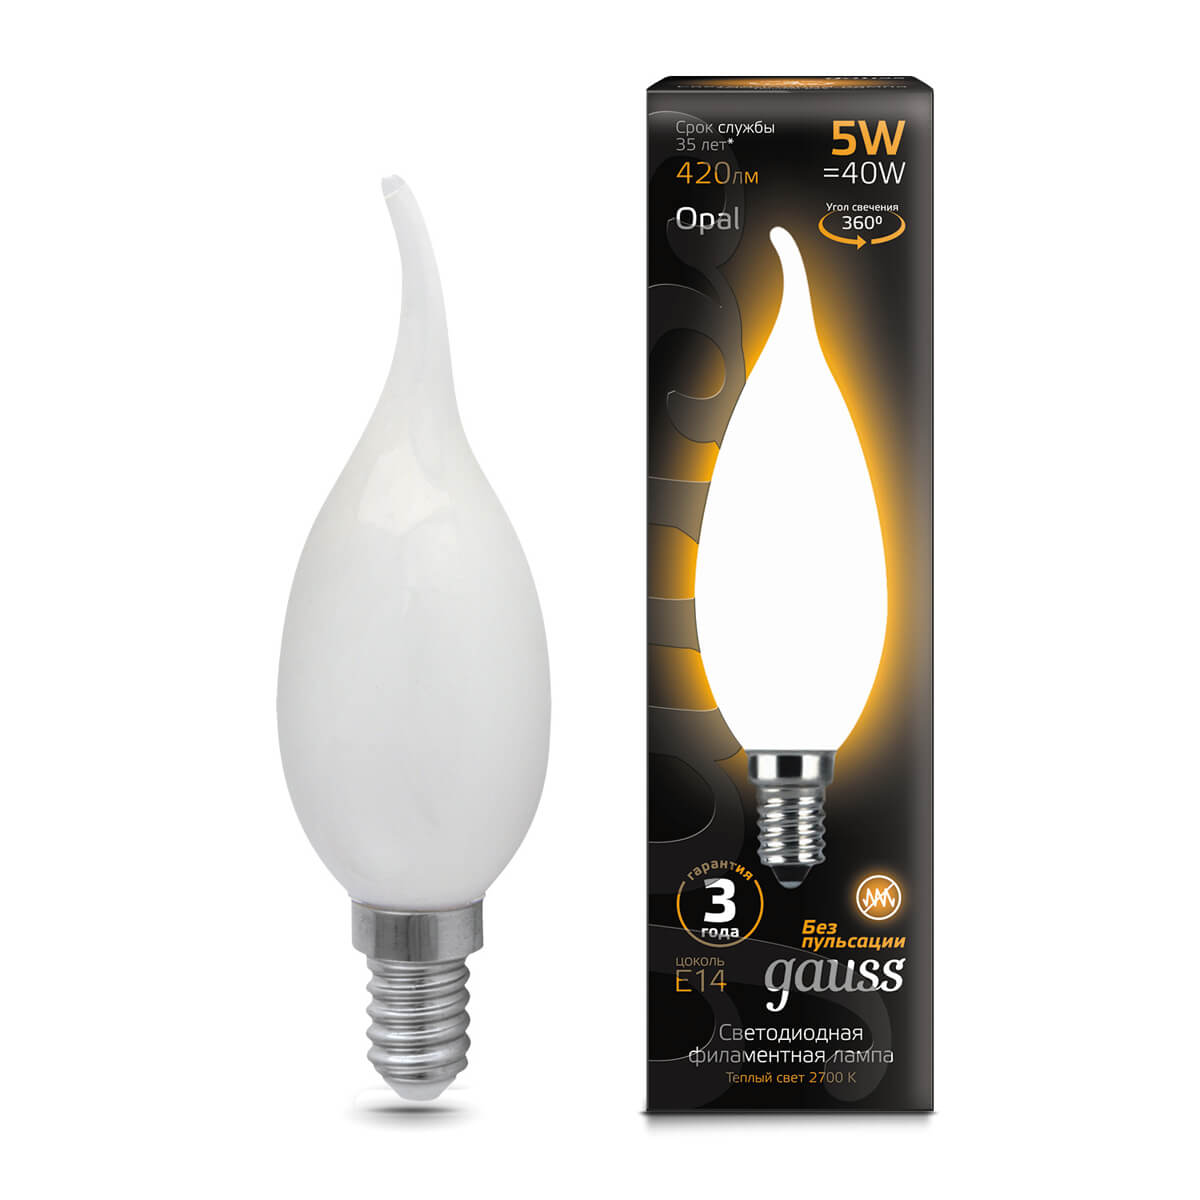 цена Лампочка Gauss 104201105 Filament Candle онлайн в 2017 году